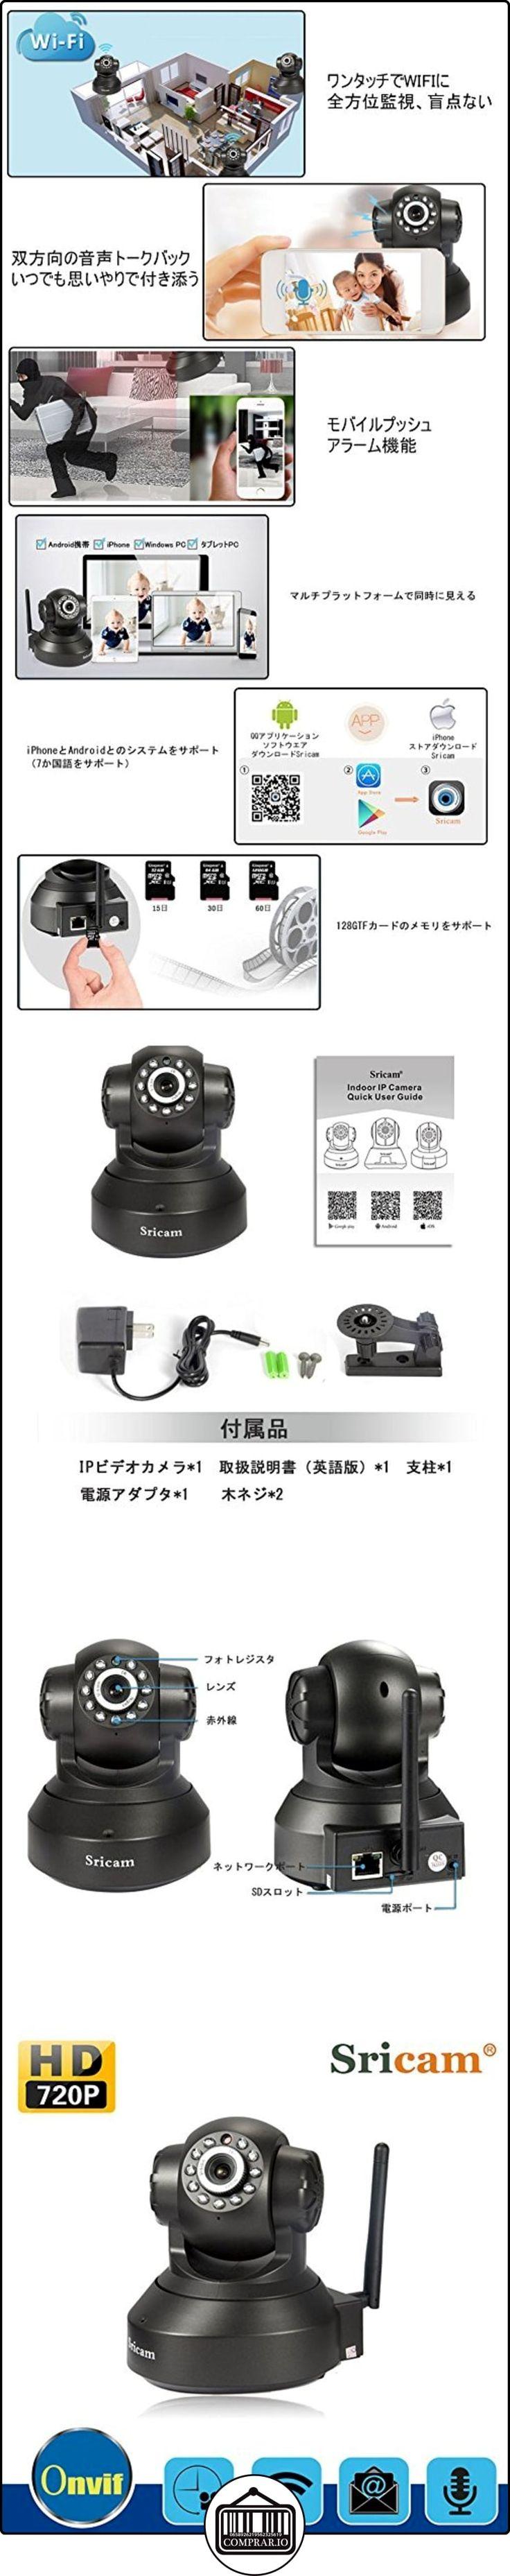 Sricam cámara de monitor inalámbrico de visión nocturna de alta definición de 720P,apoya la tarjeta de TF de 128G, y la voz bidireccional ,función de hacer la alarma móvil.  ✿ Vigilabebés - Seguridad ✿ ▬► Ver oferta: http://comprar.io/goto/B01N13KV80